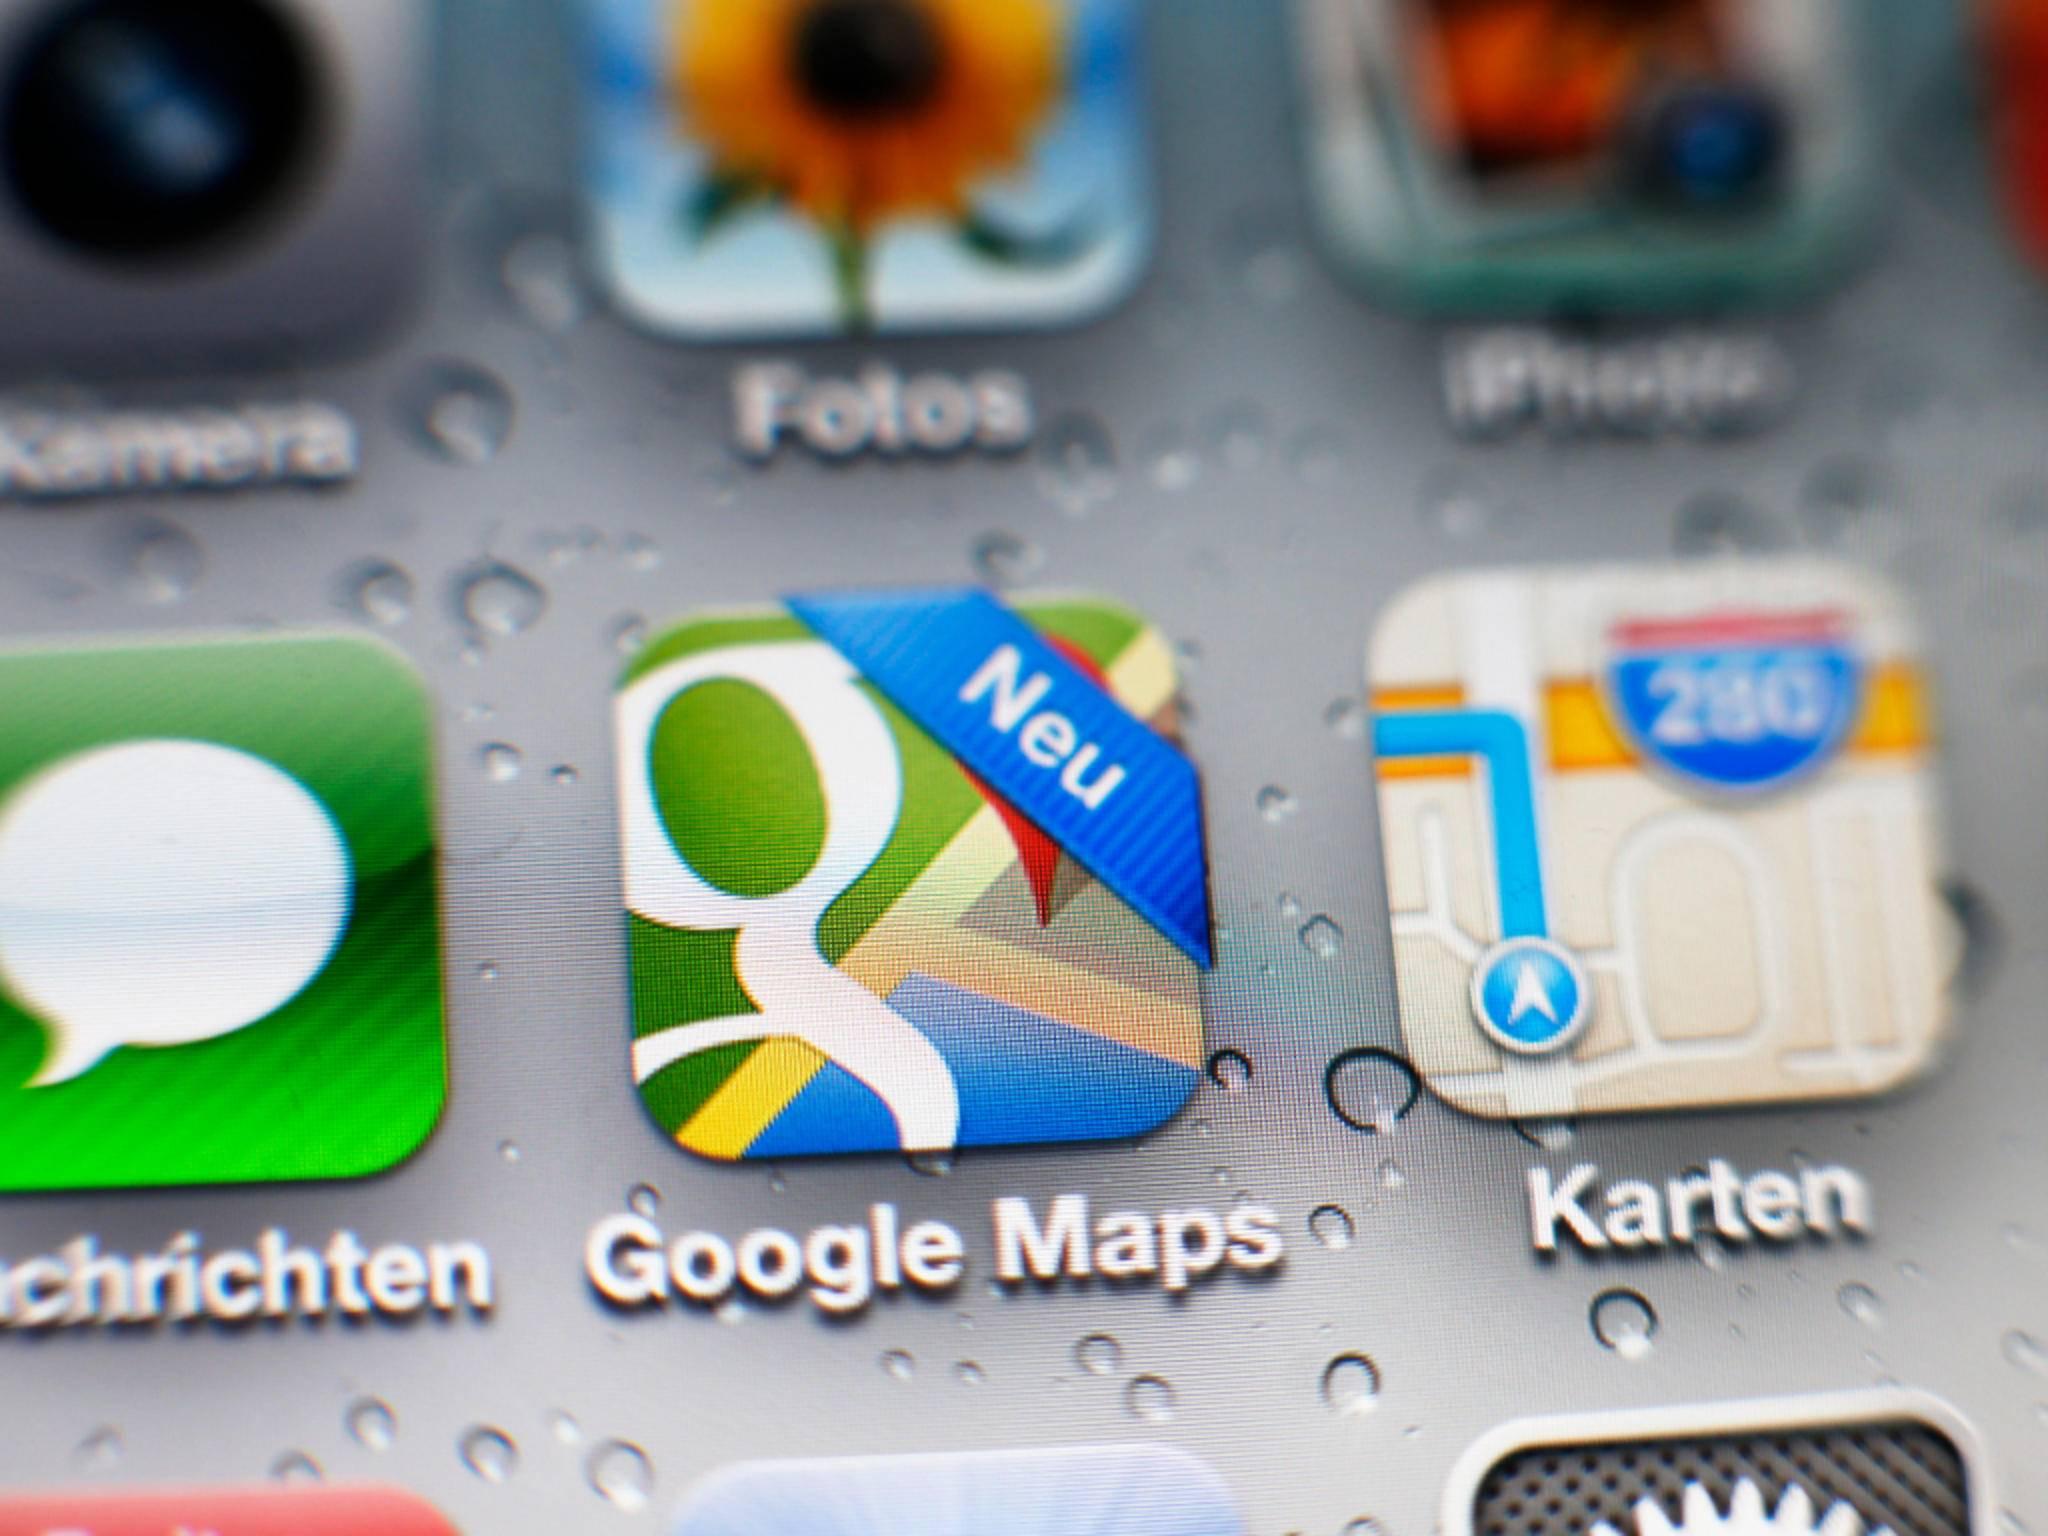 Google Maps glänzt nach einem Update für iOS und Android mit vielen neuen Funktionen.